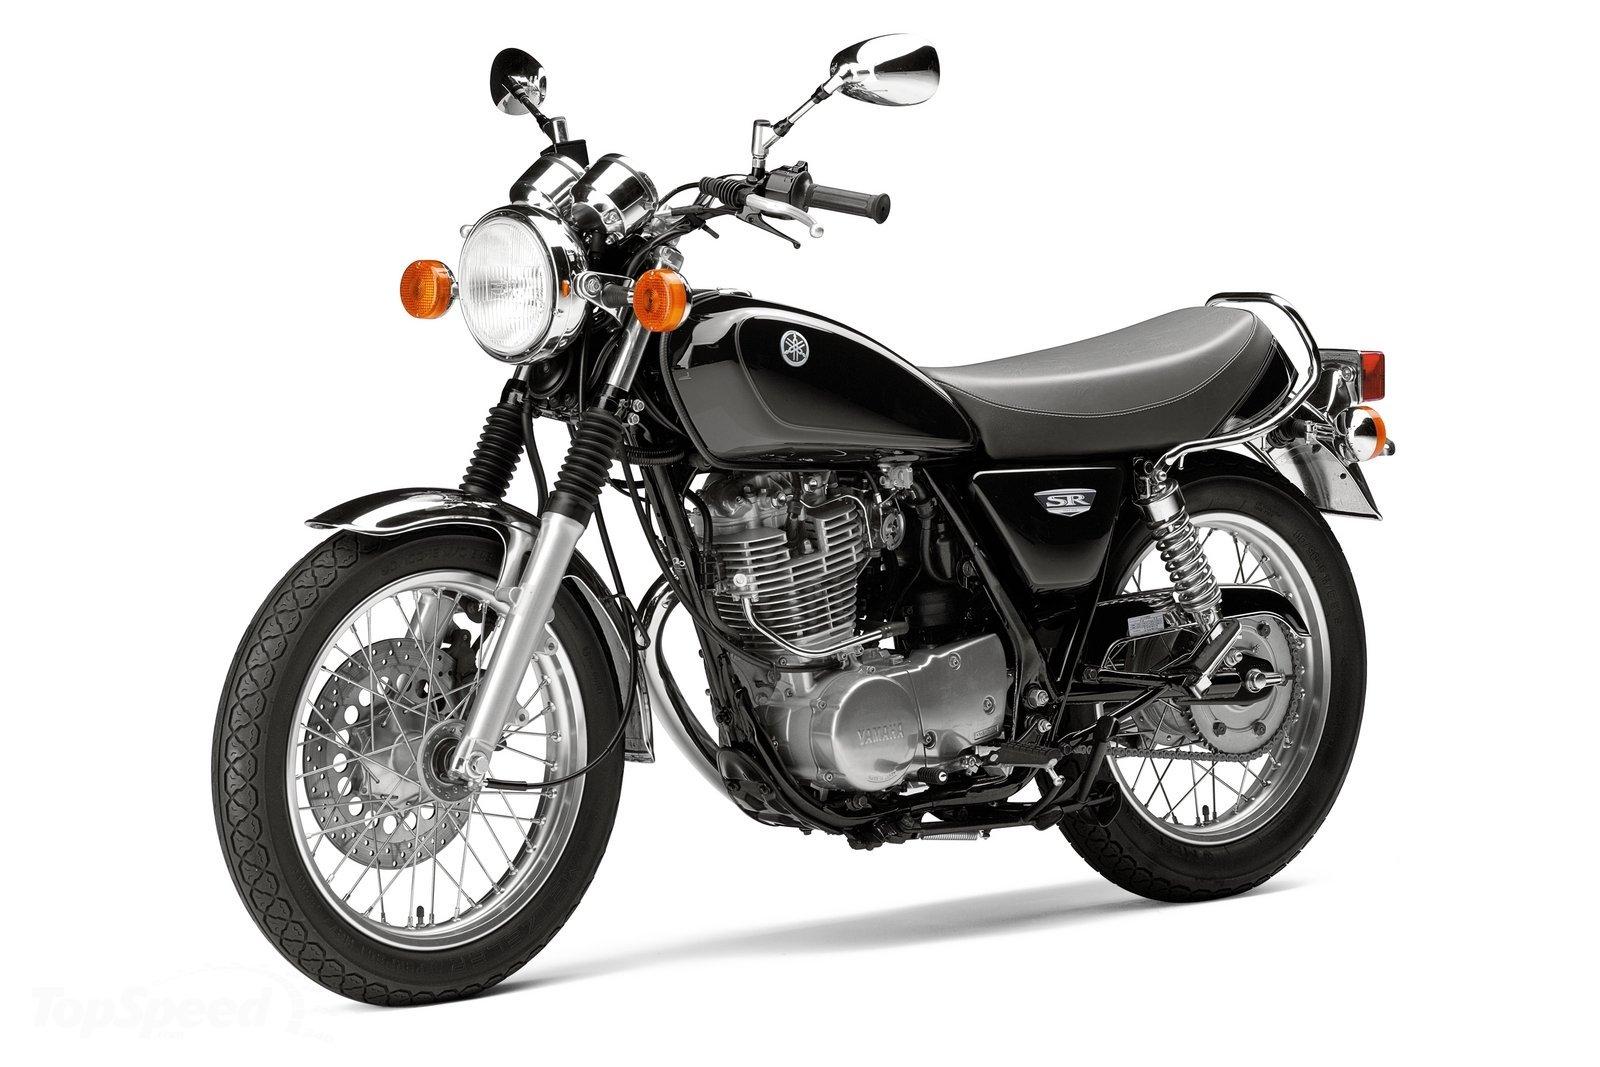 根強い人気を誇るヤマハSR400!燃費についてまとめてみました!のサムネイル画像